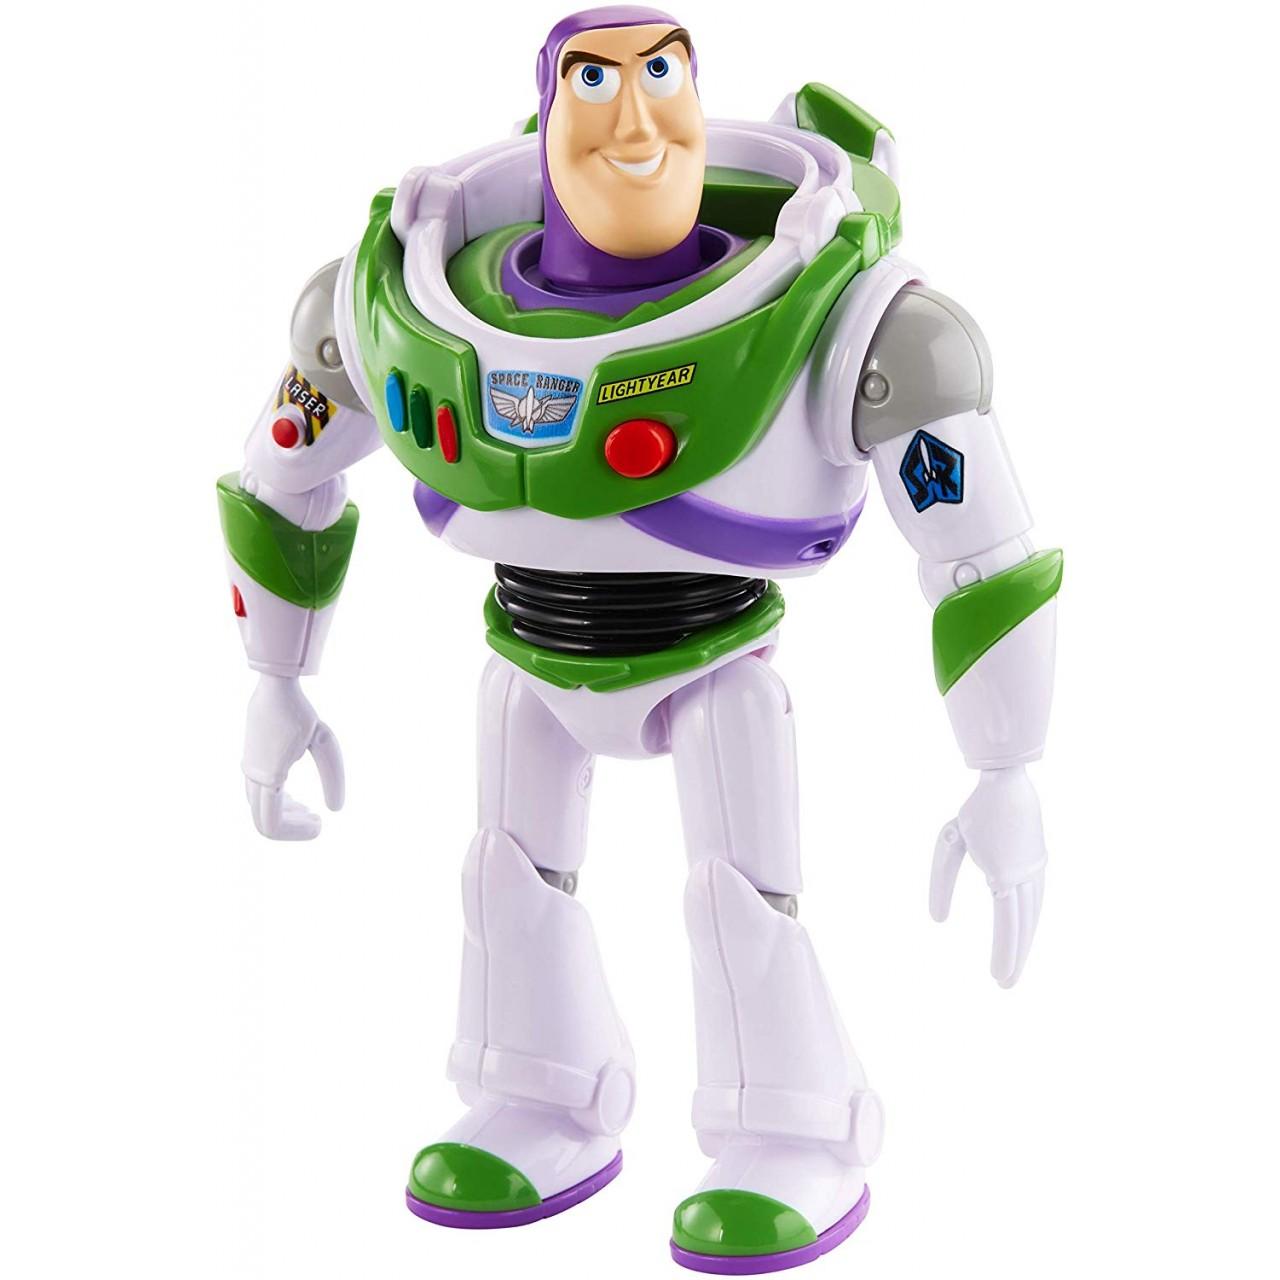 """Интерактивная игрушка Базз Лайтер """"История игрушек 4"""" 18см от Mattel"""